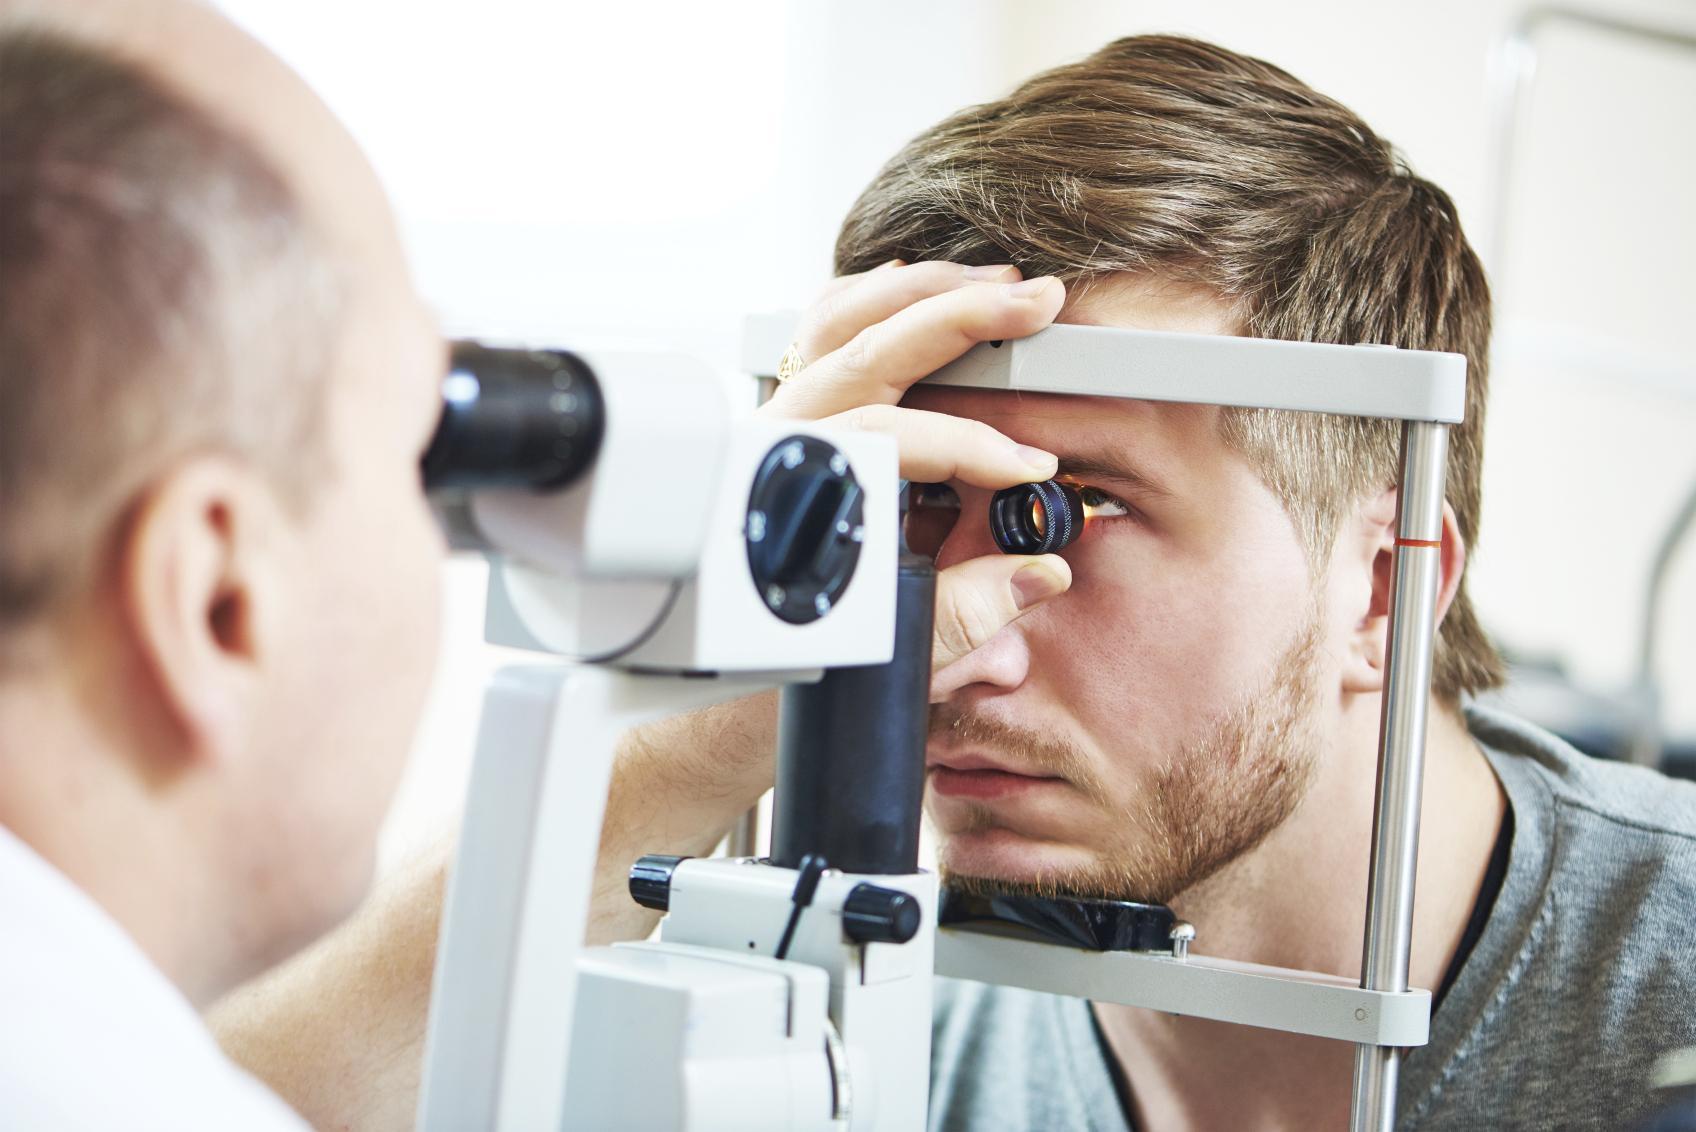 Hombre rubio con barba durante una revisión oftalmológica